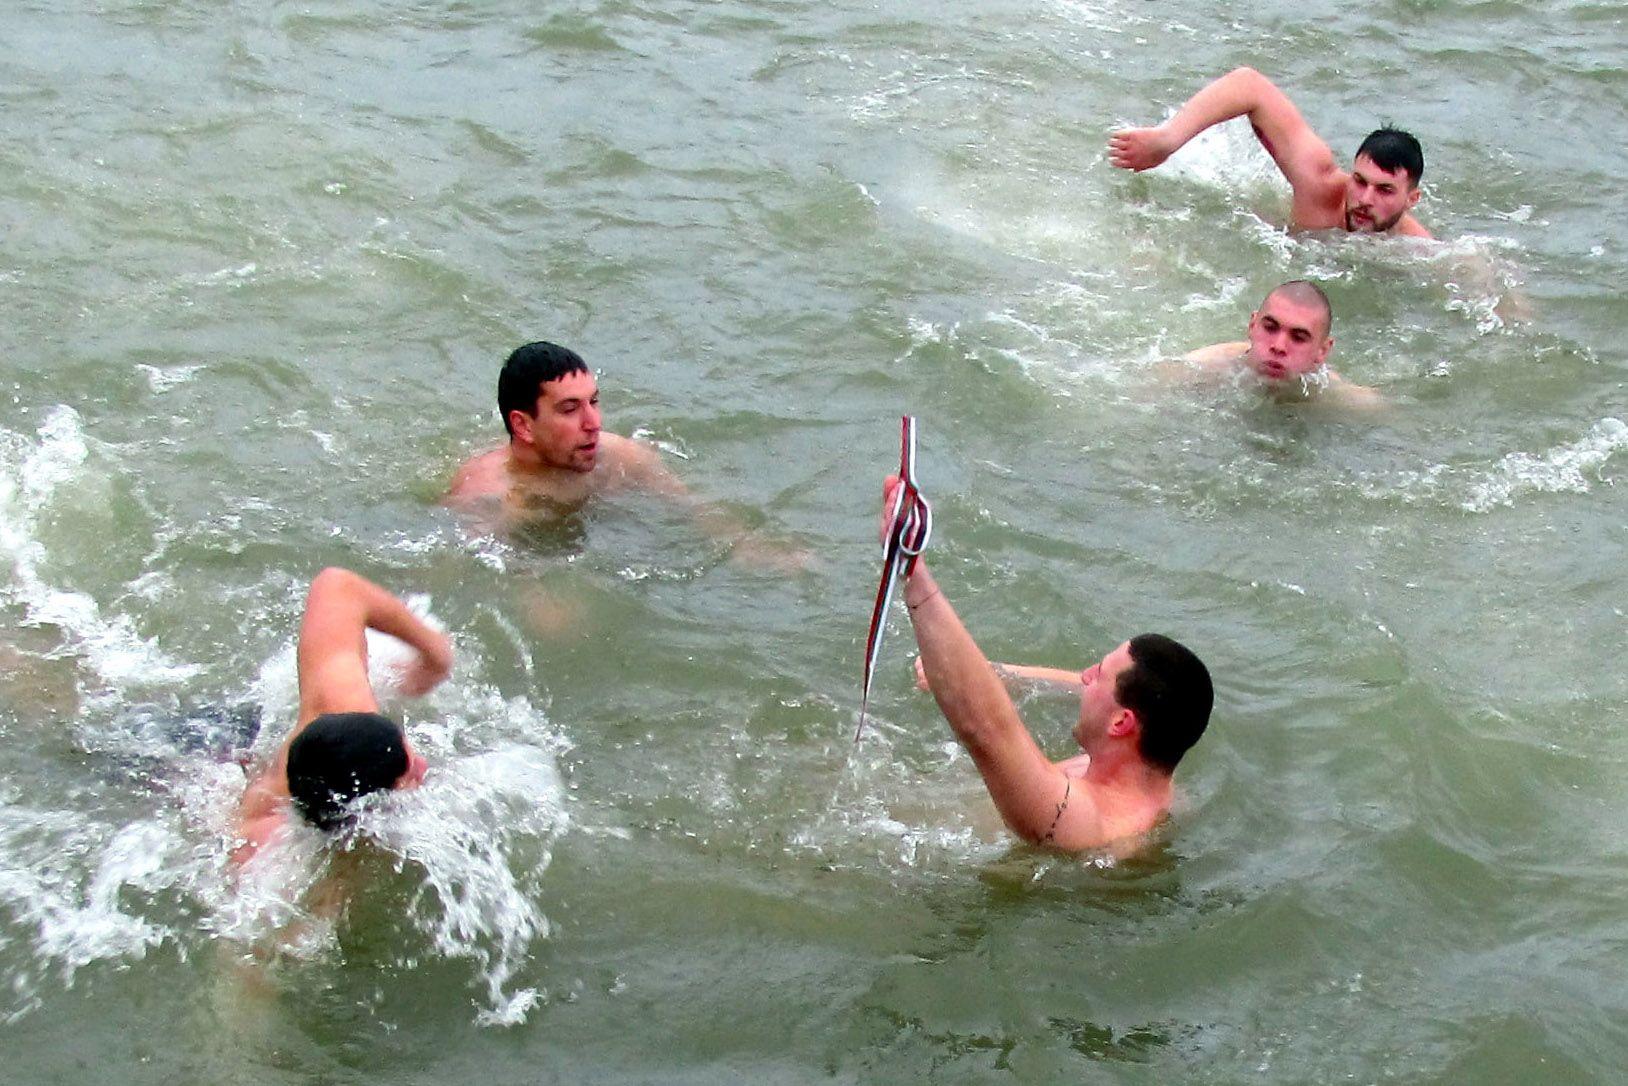 Двадесет и пет годишният Тодор Велинов извади богоявленския кръст от водите на Дунав край Силистра. В реката скочиха единадесет смелчаци